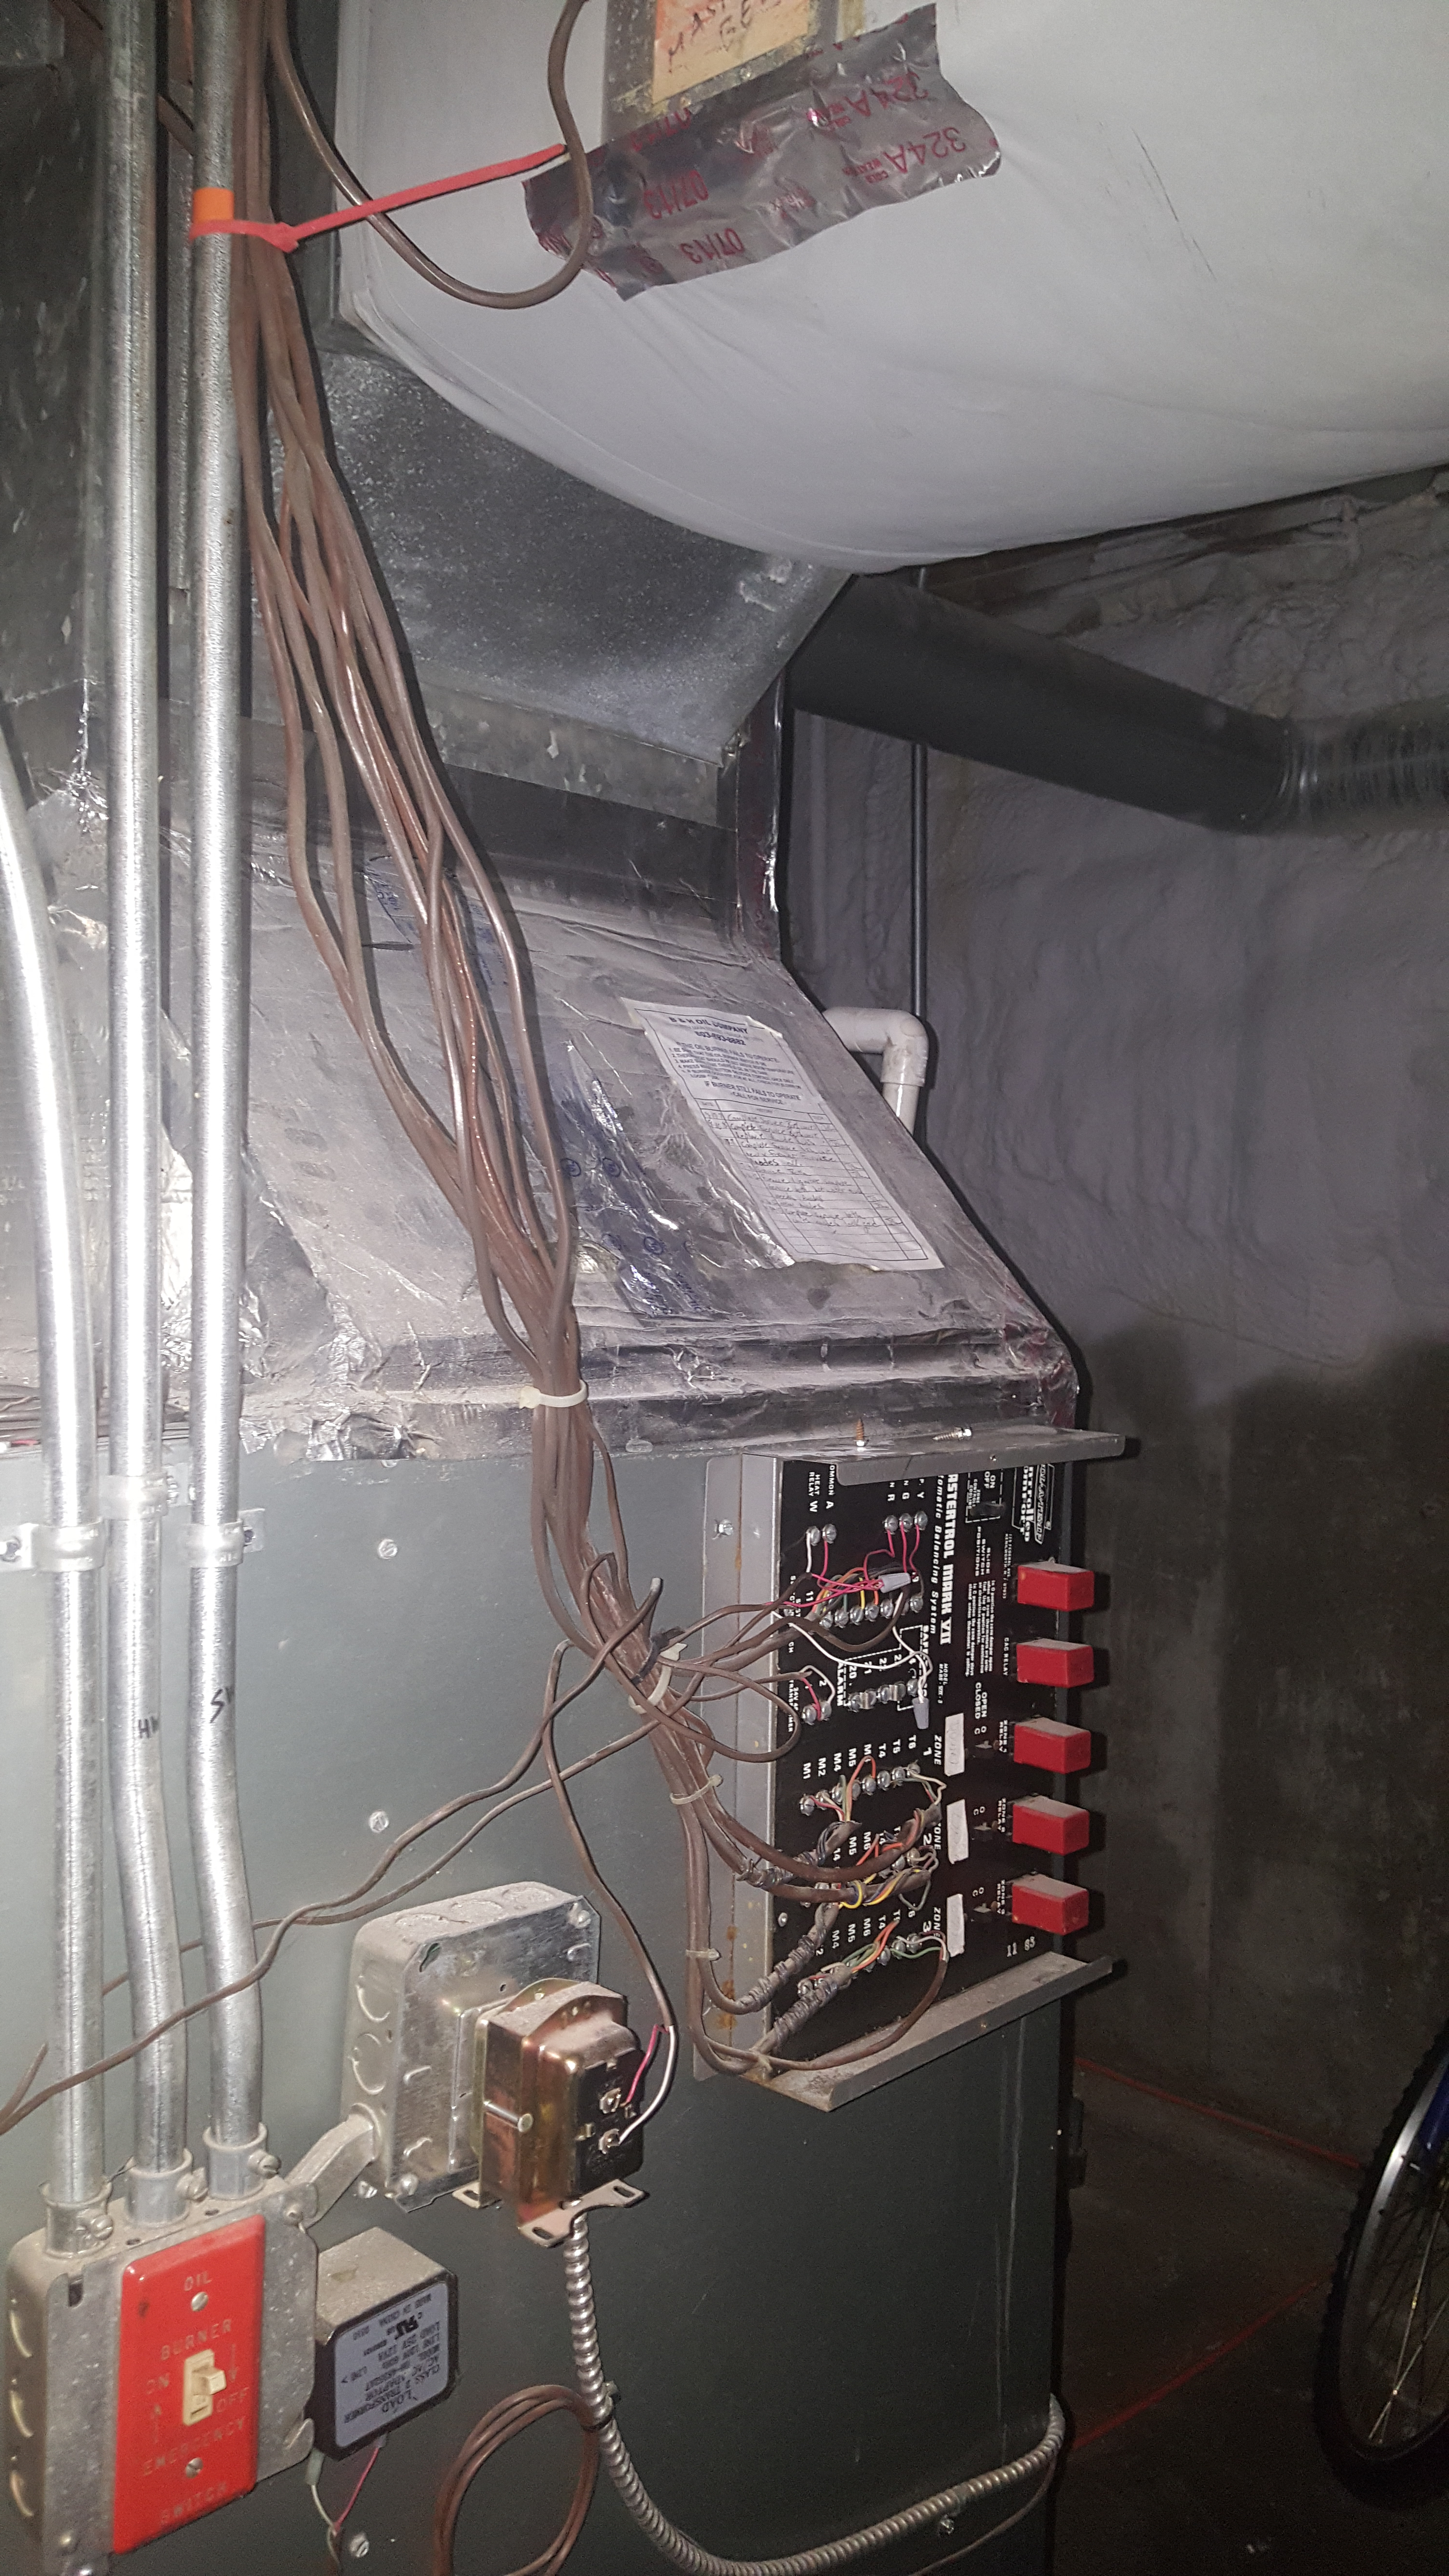 Wiring Honeywell HZ311 from a Trol-A-Temp Mastertrol Mark